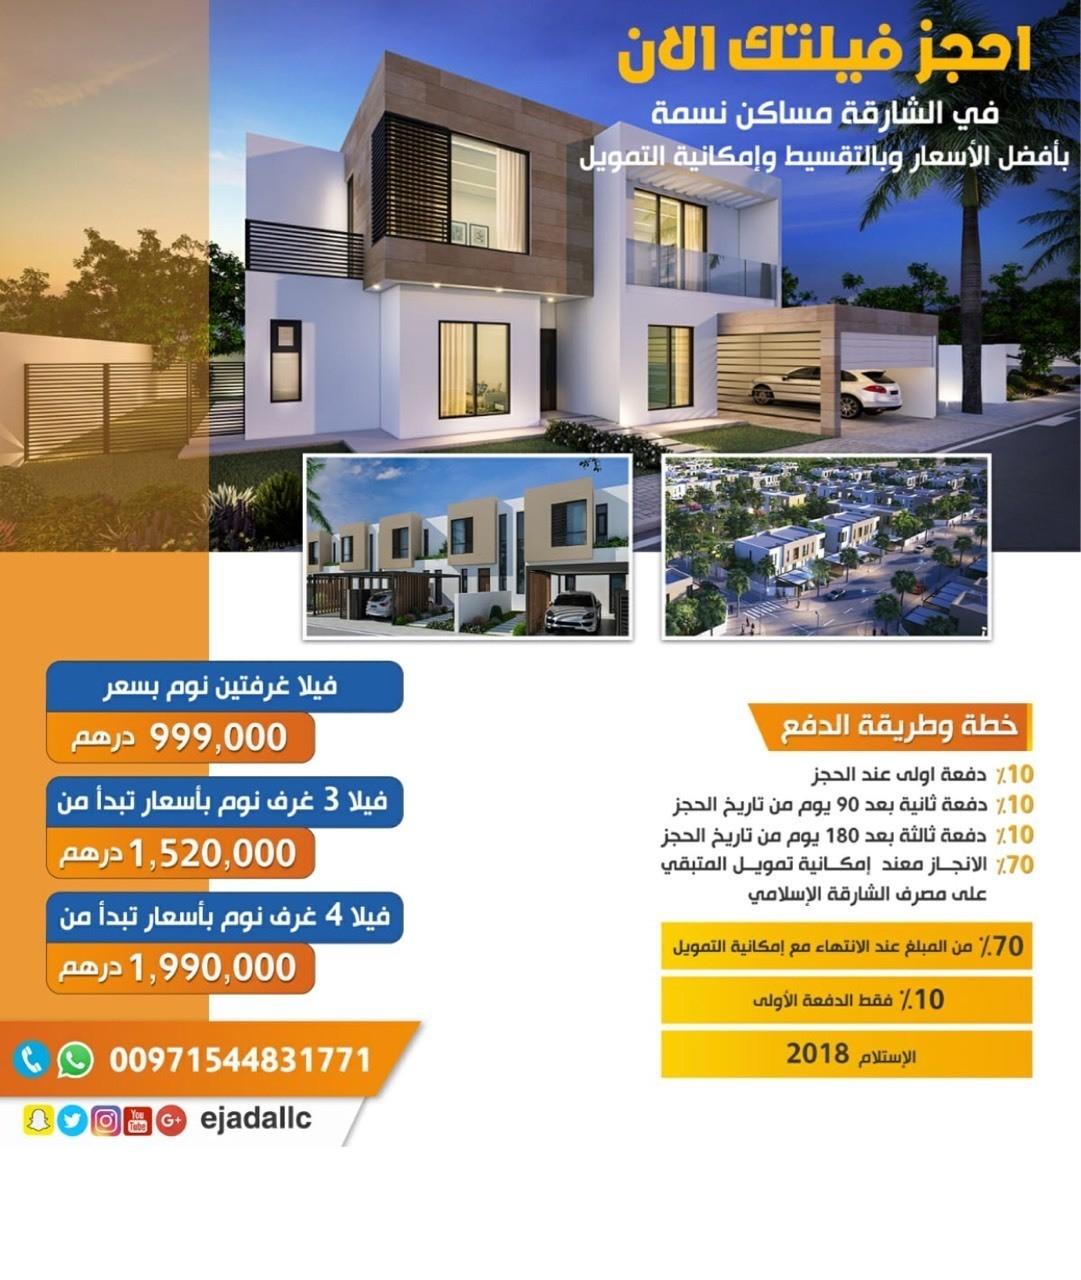 مشروع نسمه السكنى